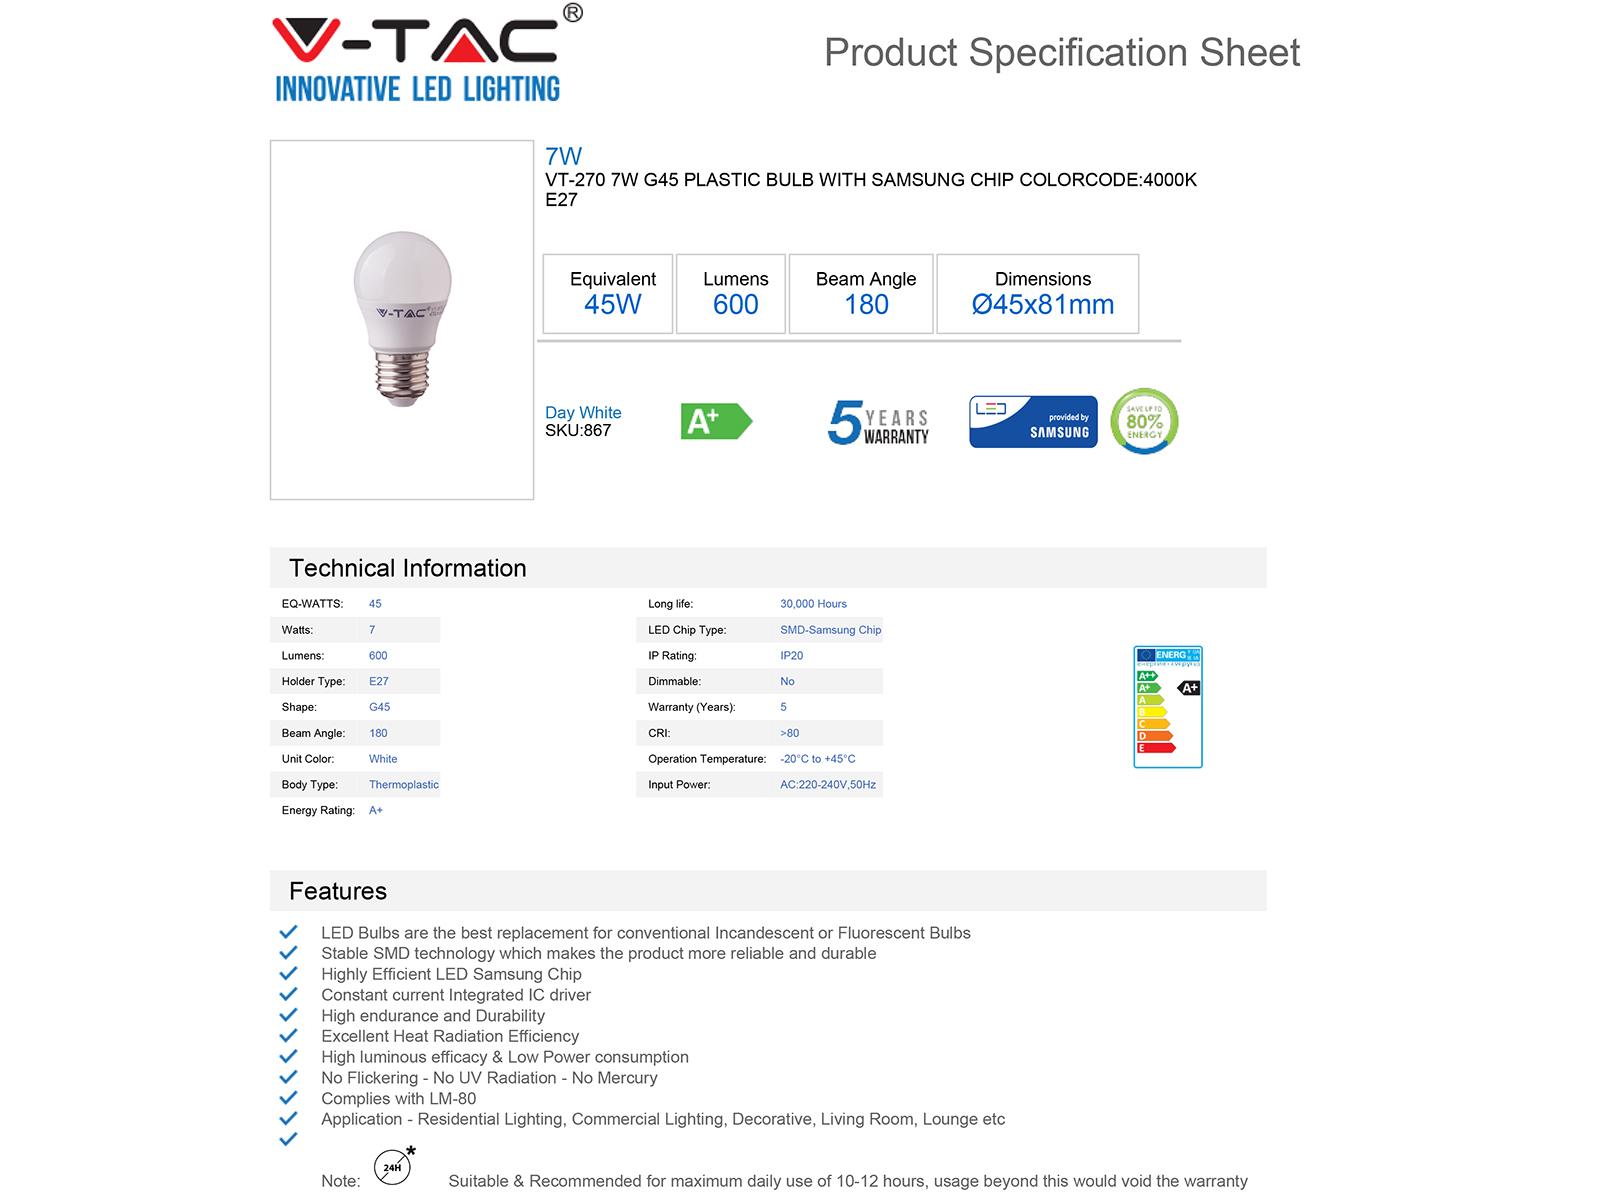 V-TAC E27 LED lámpa (7W/180°) Kisgömb - természetes fehér, PRO Samsung